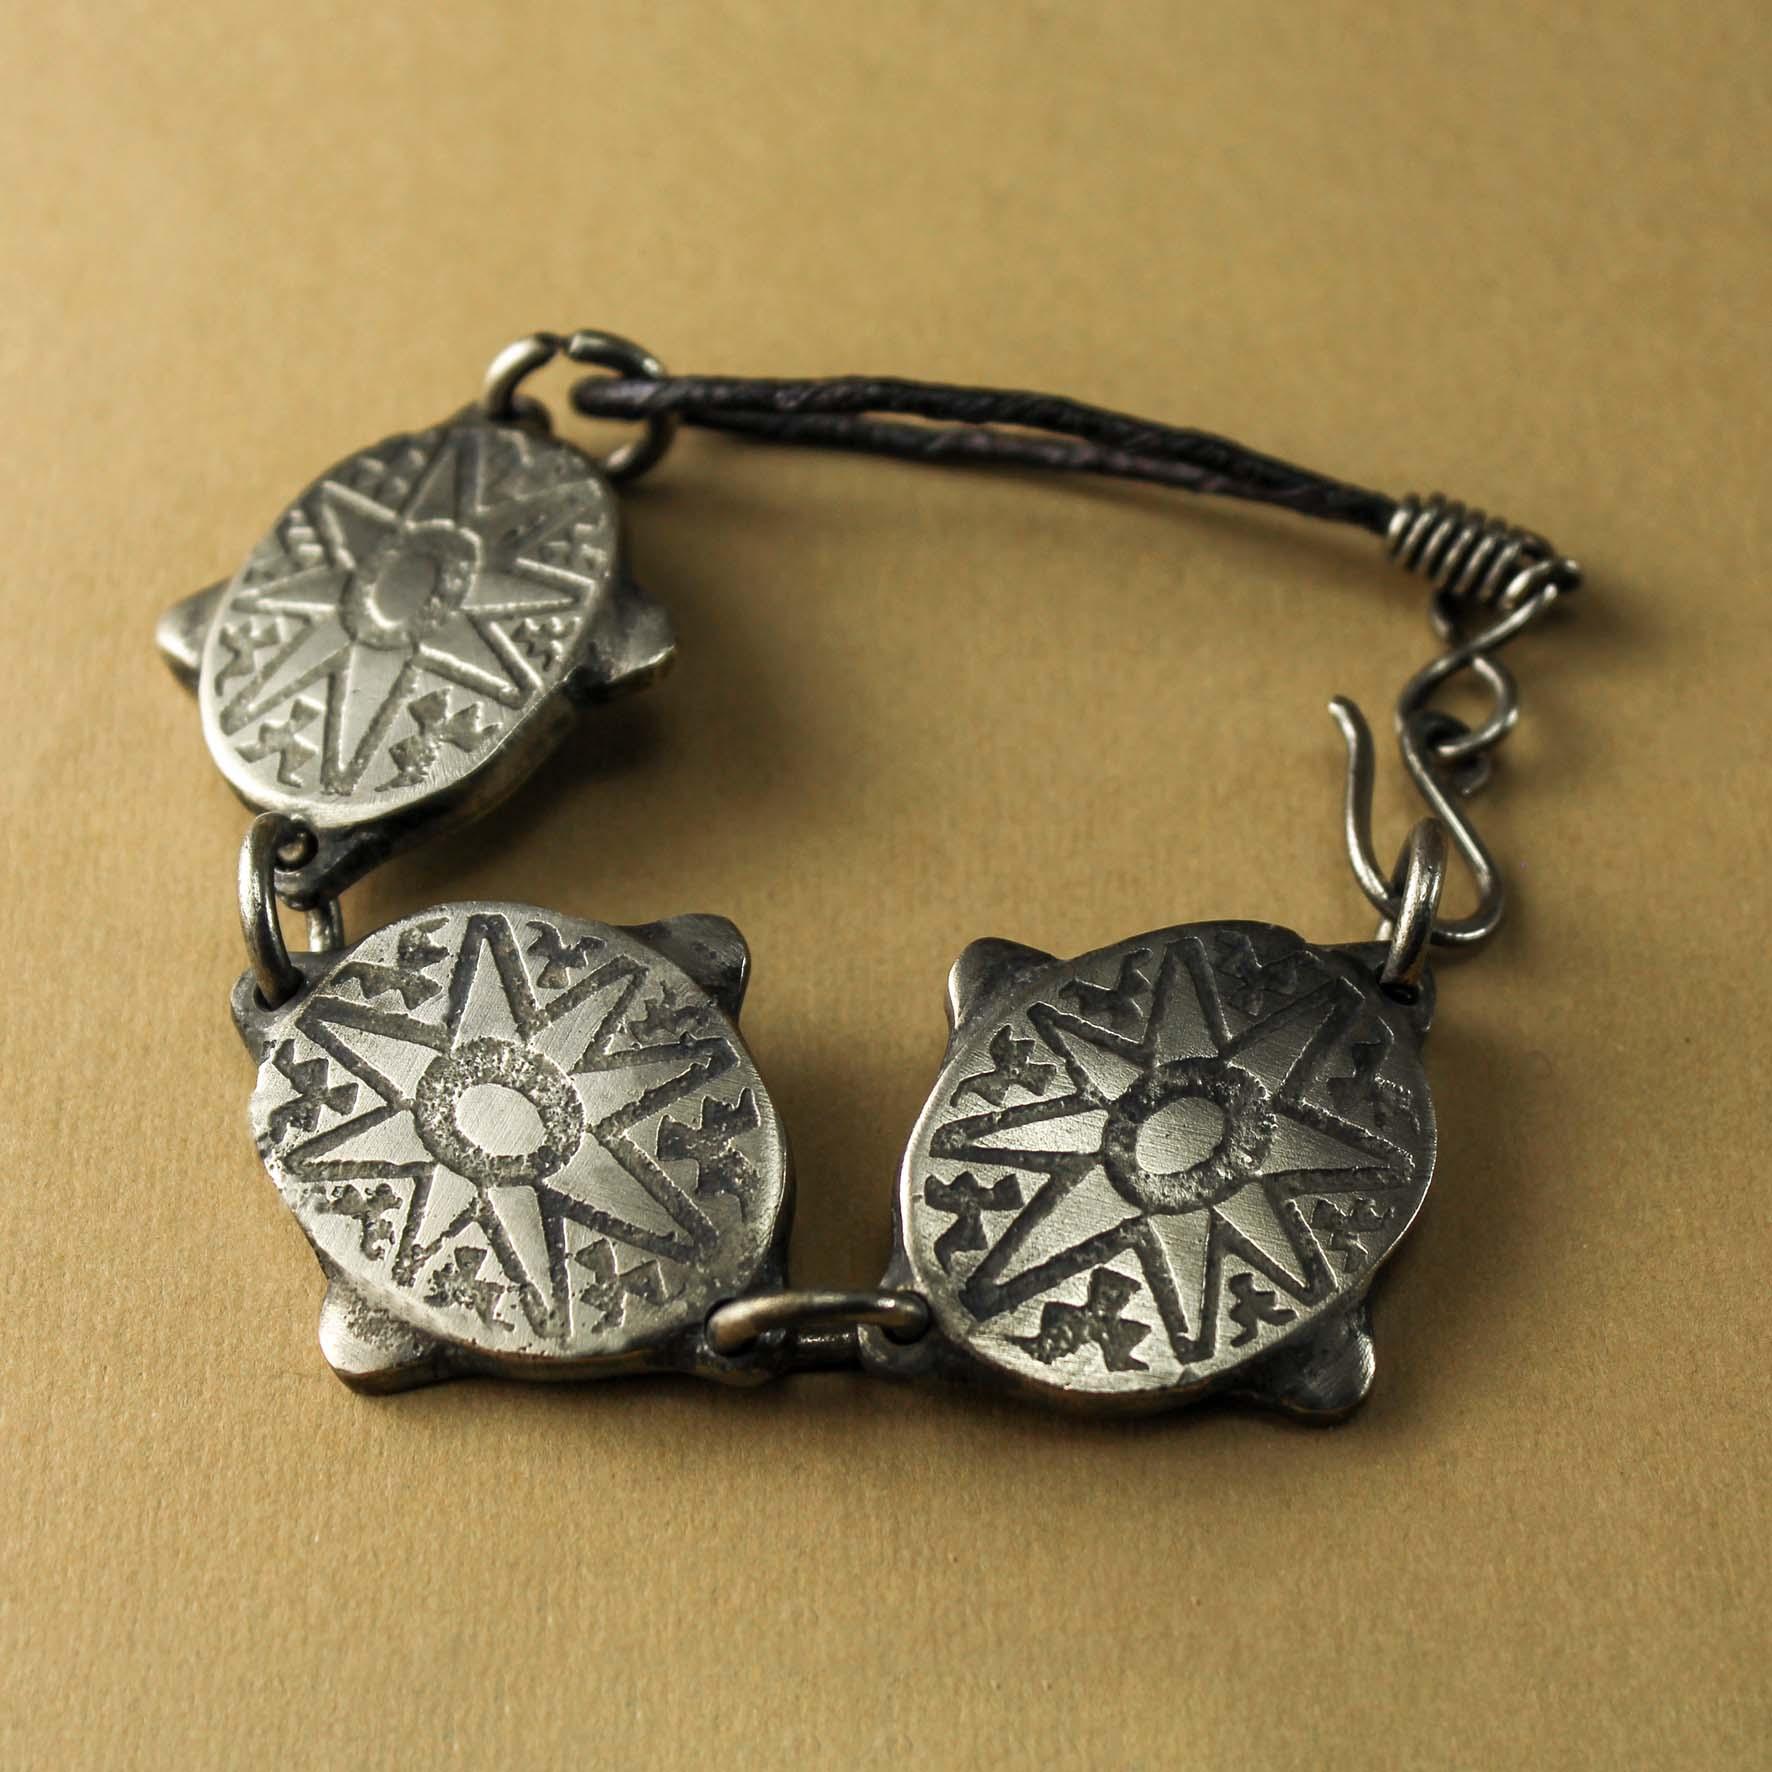 3 suns Bracelet